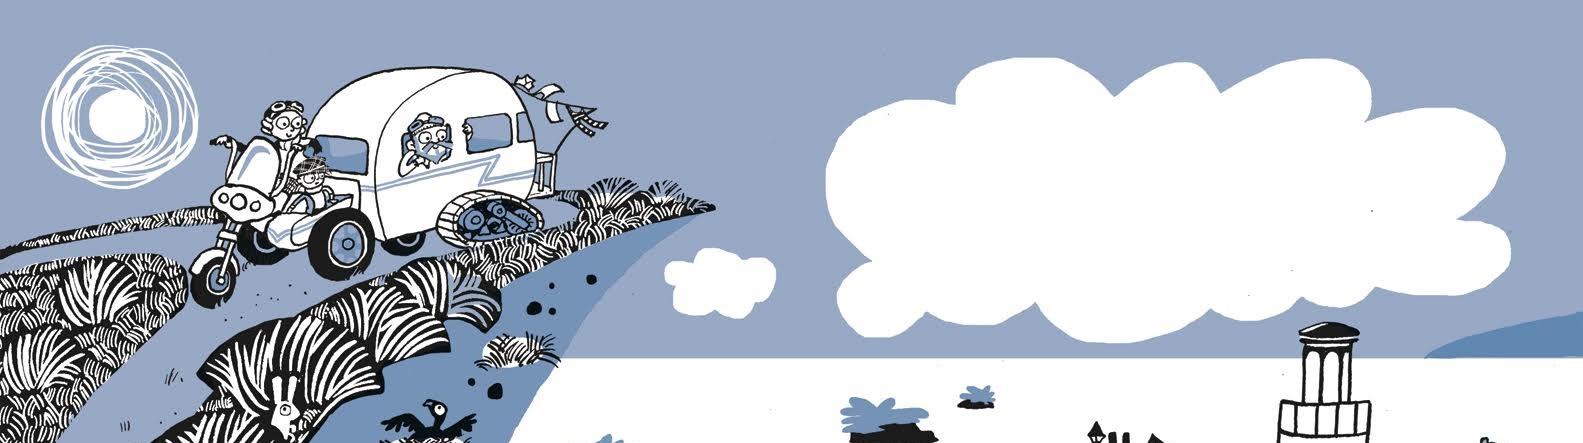 אוליבר והאיים הנודדים